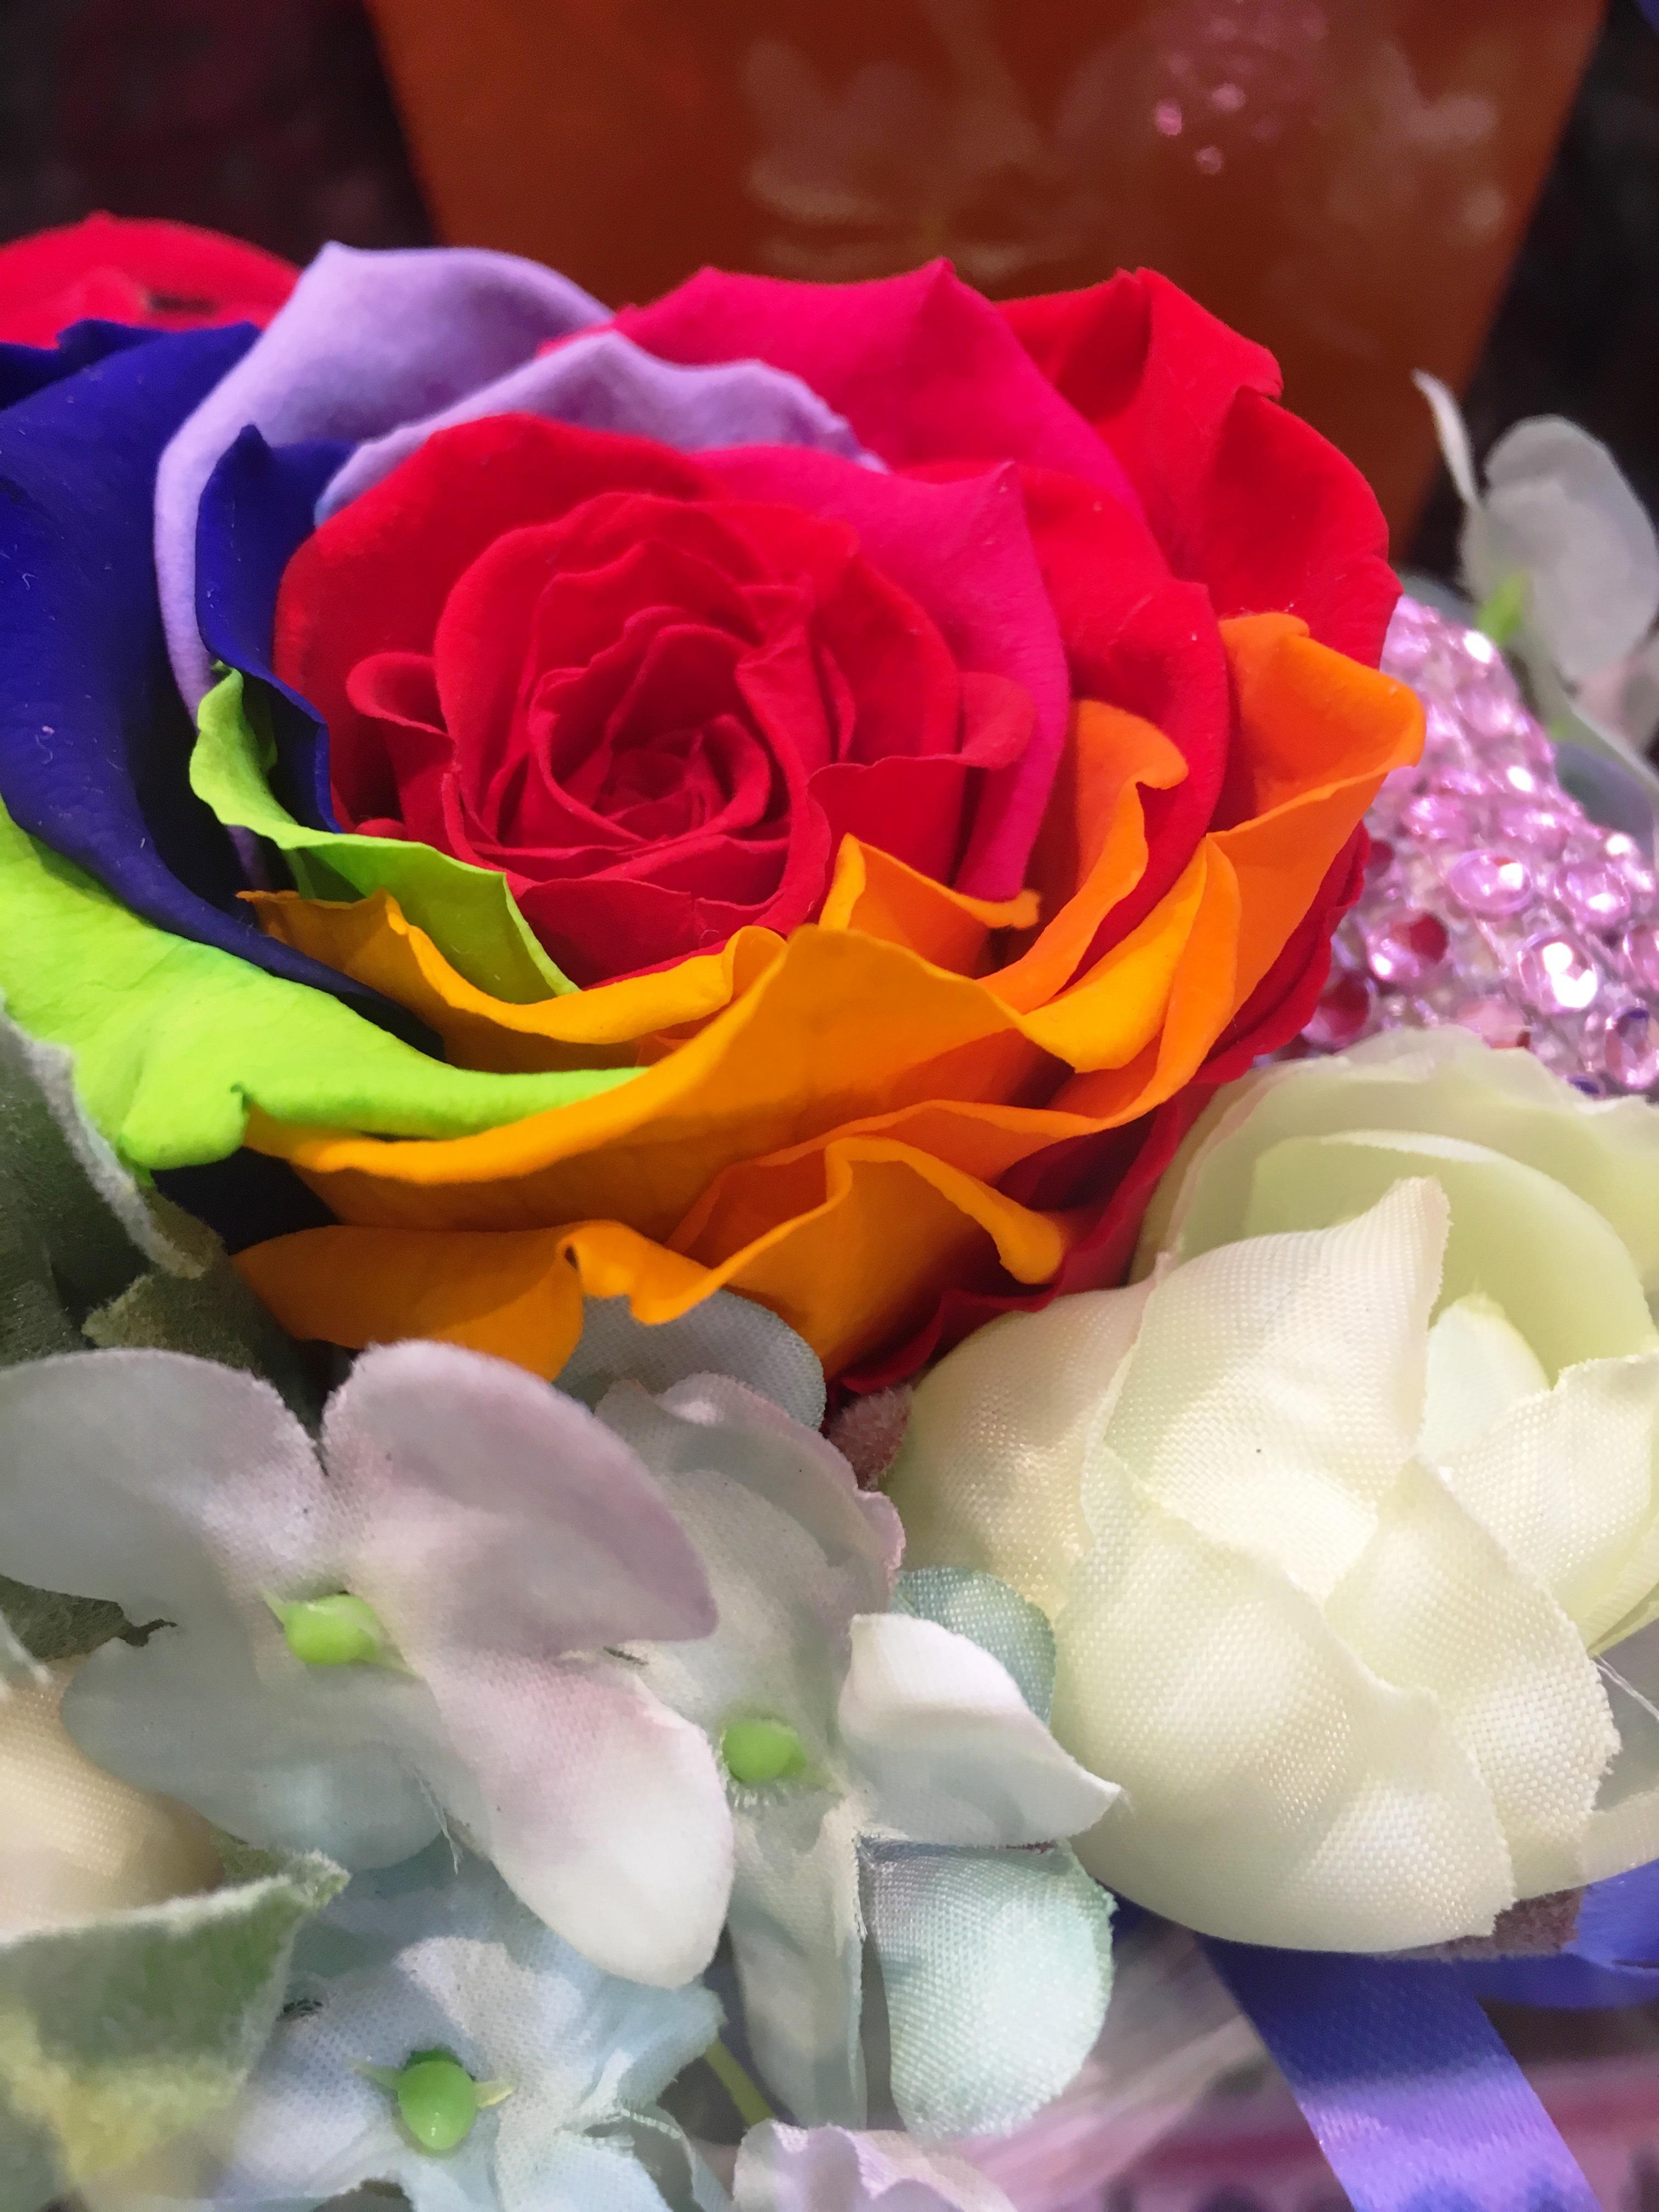 ヨコハマ映画祭へ花束を配達しました!横浜関内ホール【横浜花屋の花束・スタンド花・胡蝶蘭・バルーン・アレンジメント配達事例263】